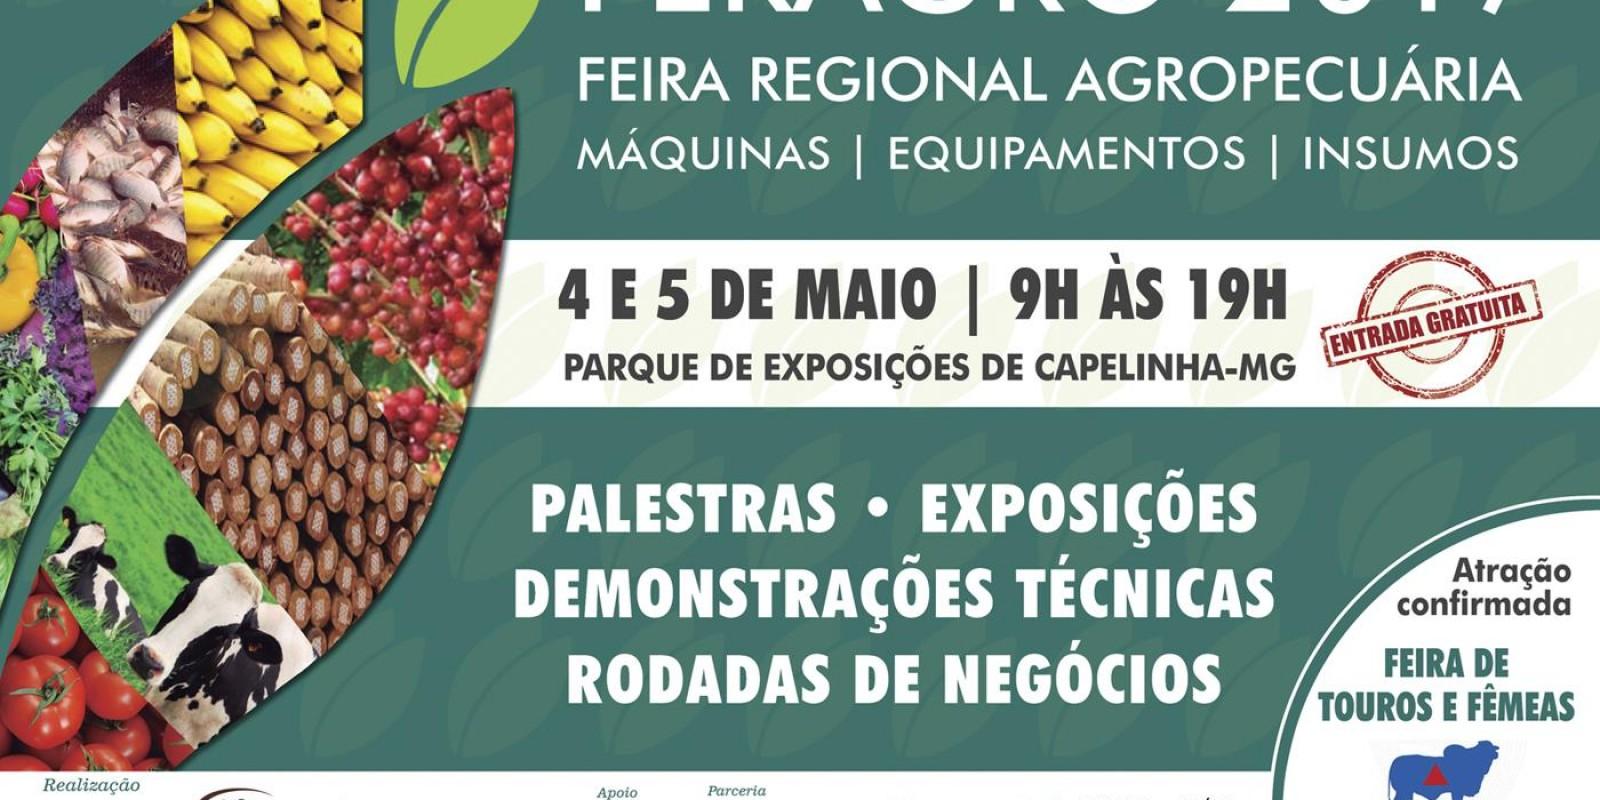 Feragro, em Capelinha, vai mostrar diversificação rural no Vale do Jequitinhonha